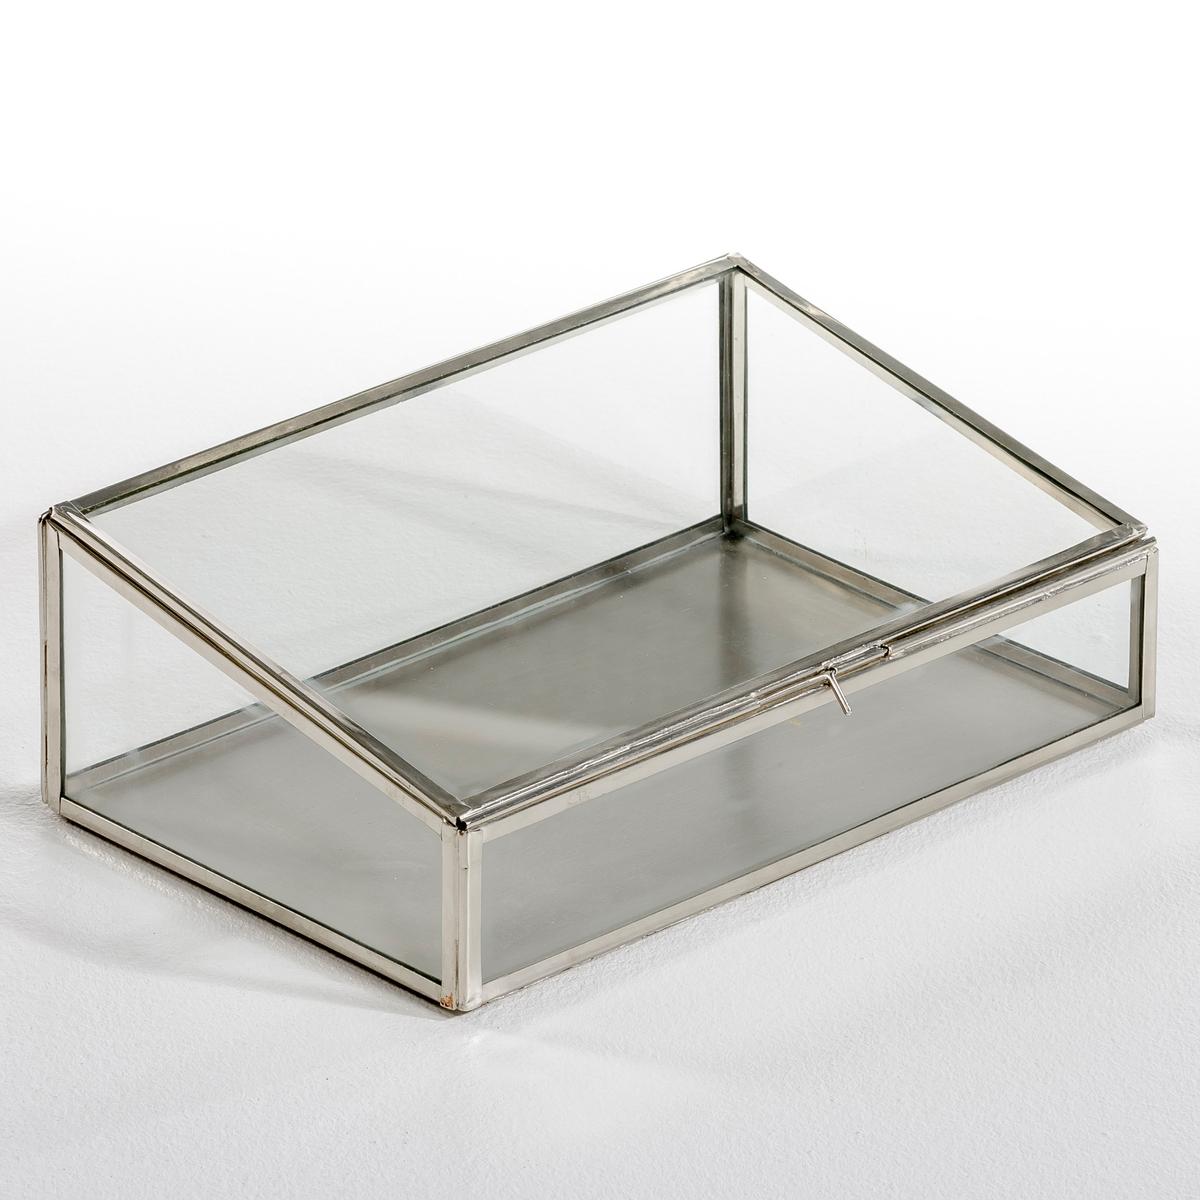 Коробка-витрина для хранения MisiaКоробка-витрина в форме трапеции, Misia. Этот уникальный предмет декора оригинальной трапециевидной формы позволит спрятать и, вместе с тем, выставить на всеобщее обозрение самые важные вещи и украшения. Используйте собранную вручную коробку в качестве шкатулки или корзинки для хранения мелких предметов. Уникальный аксессуар, который сделает декор комнаты неповторимым.Описание: - Выполнена из стекла и металлаРазмеры:- Д. 30 x В. 10 x Г. 20 см.<br><br>Цвет: латунь,металл,черный